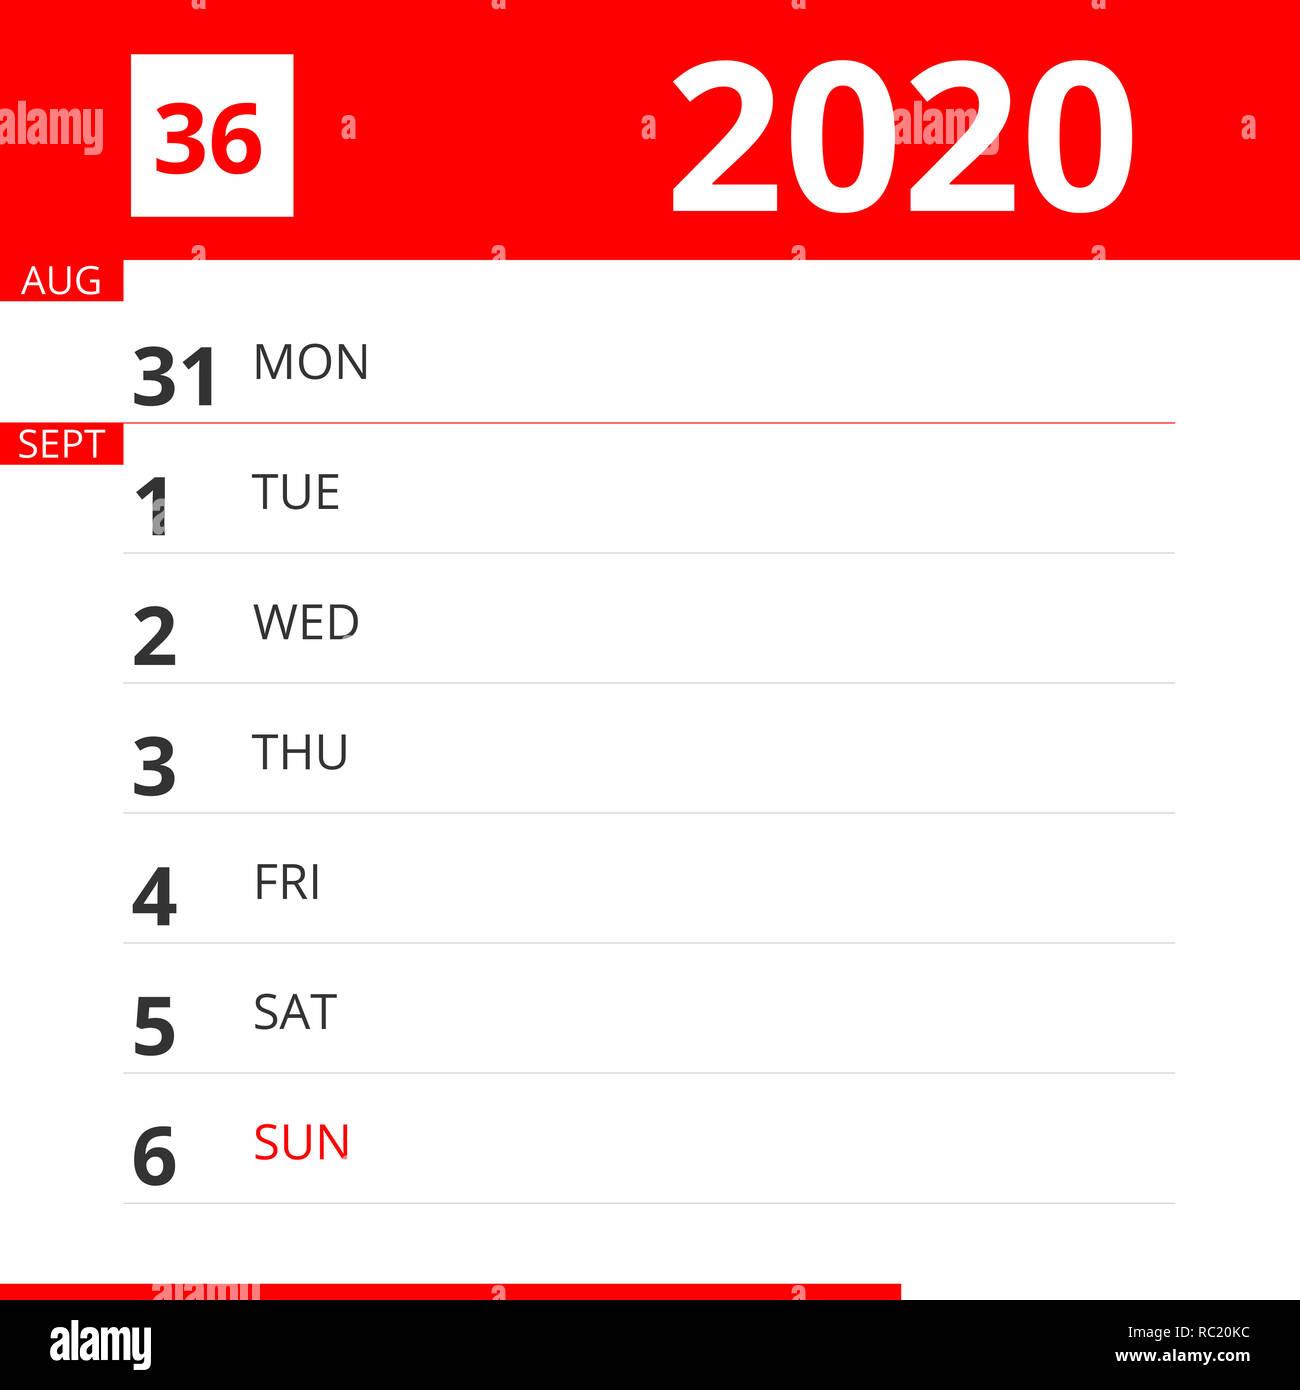 Calendrier De Septembre 2020.Planificateur De Calendrier Pour La Semaine 36 En 2020 Se